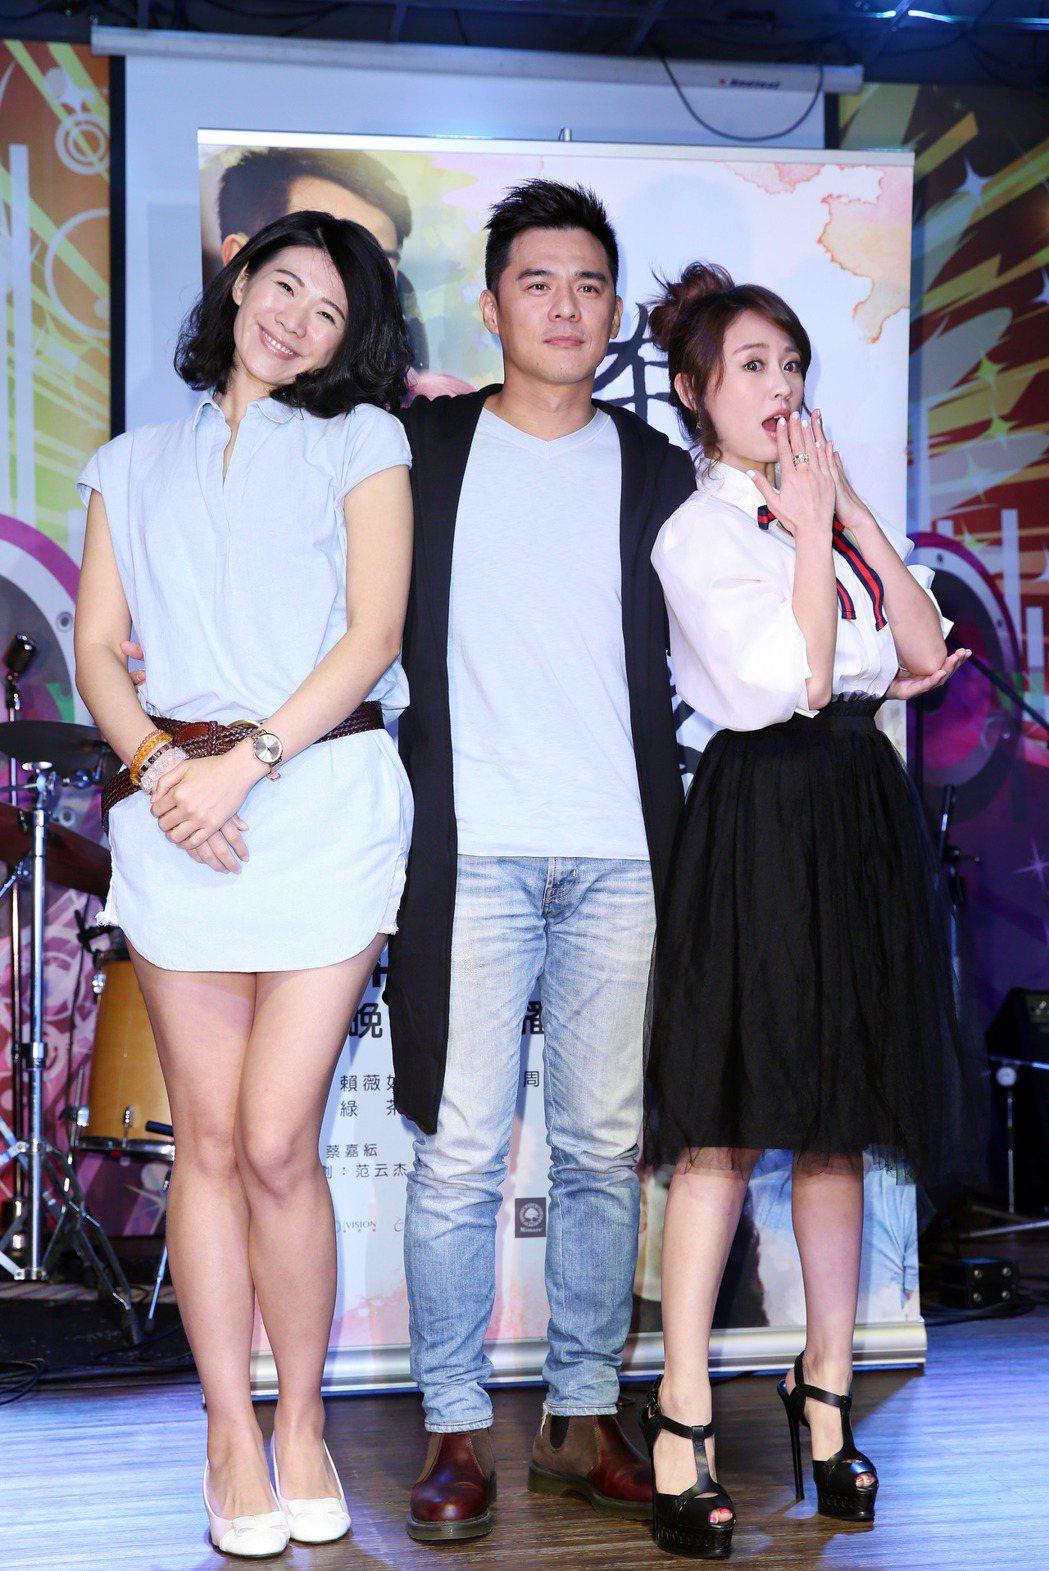 莊芝翔(左起)、竇智孔、賴薇如演出公視人生劇展「本願路」。記者陳瑞源/攝影